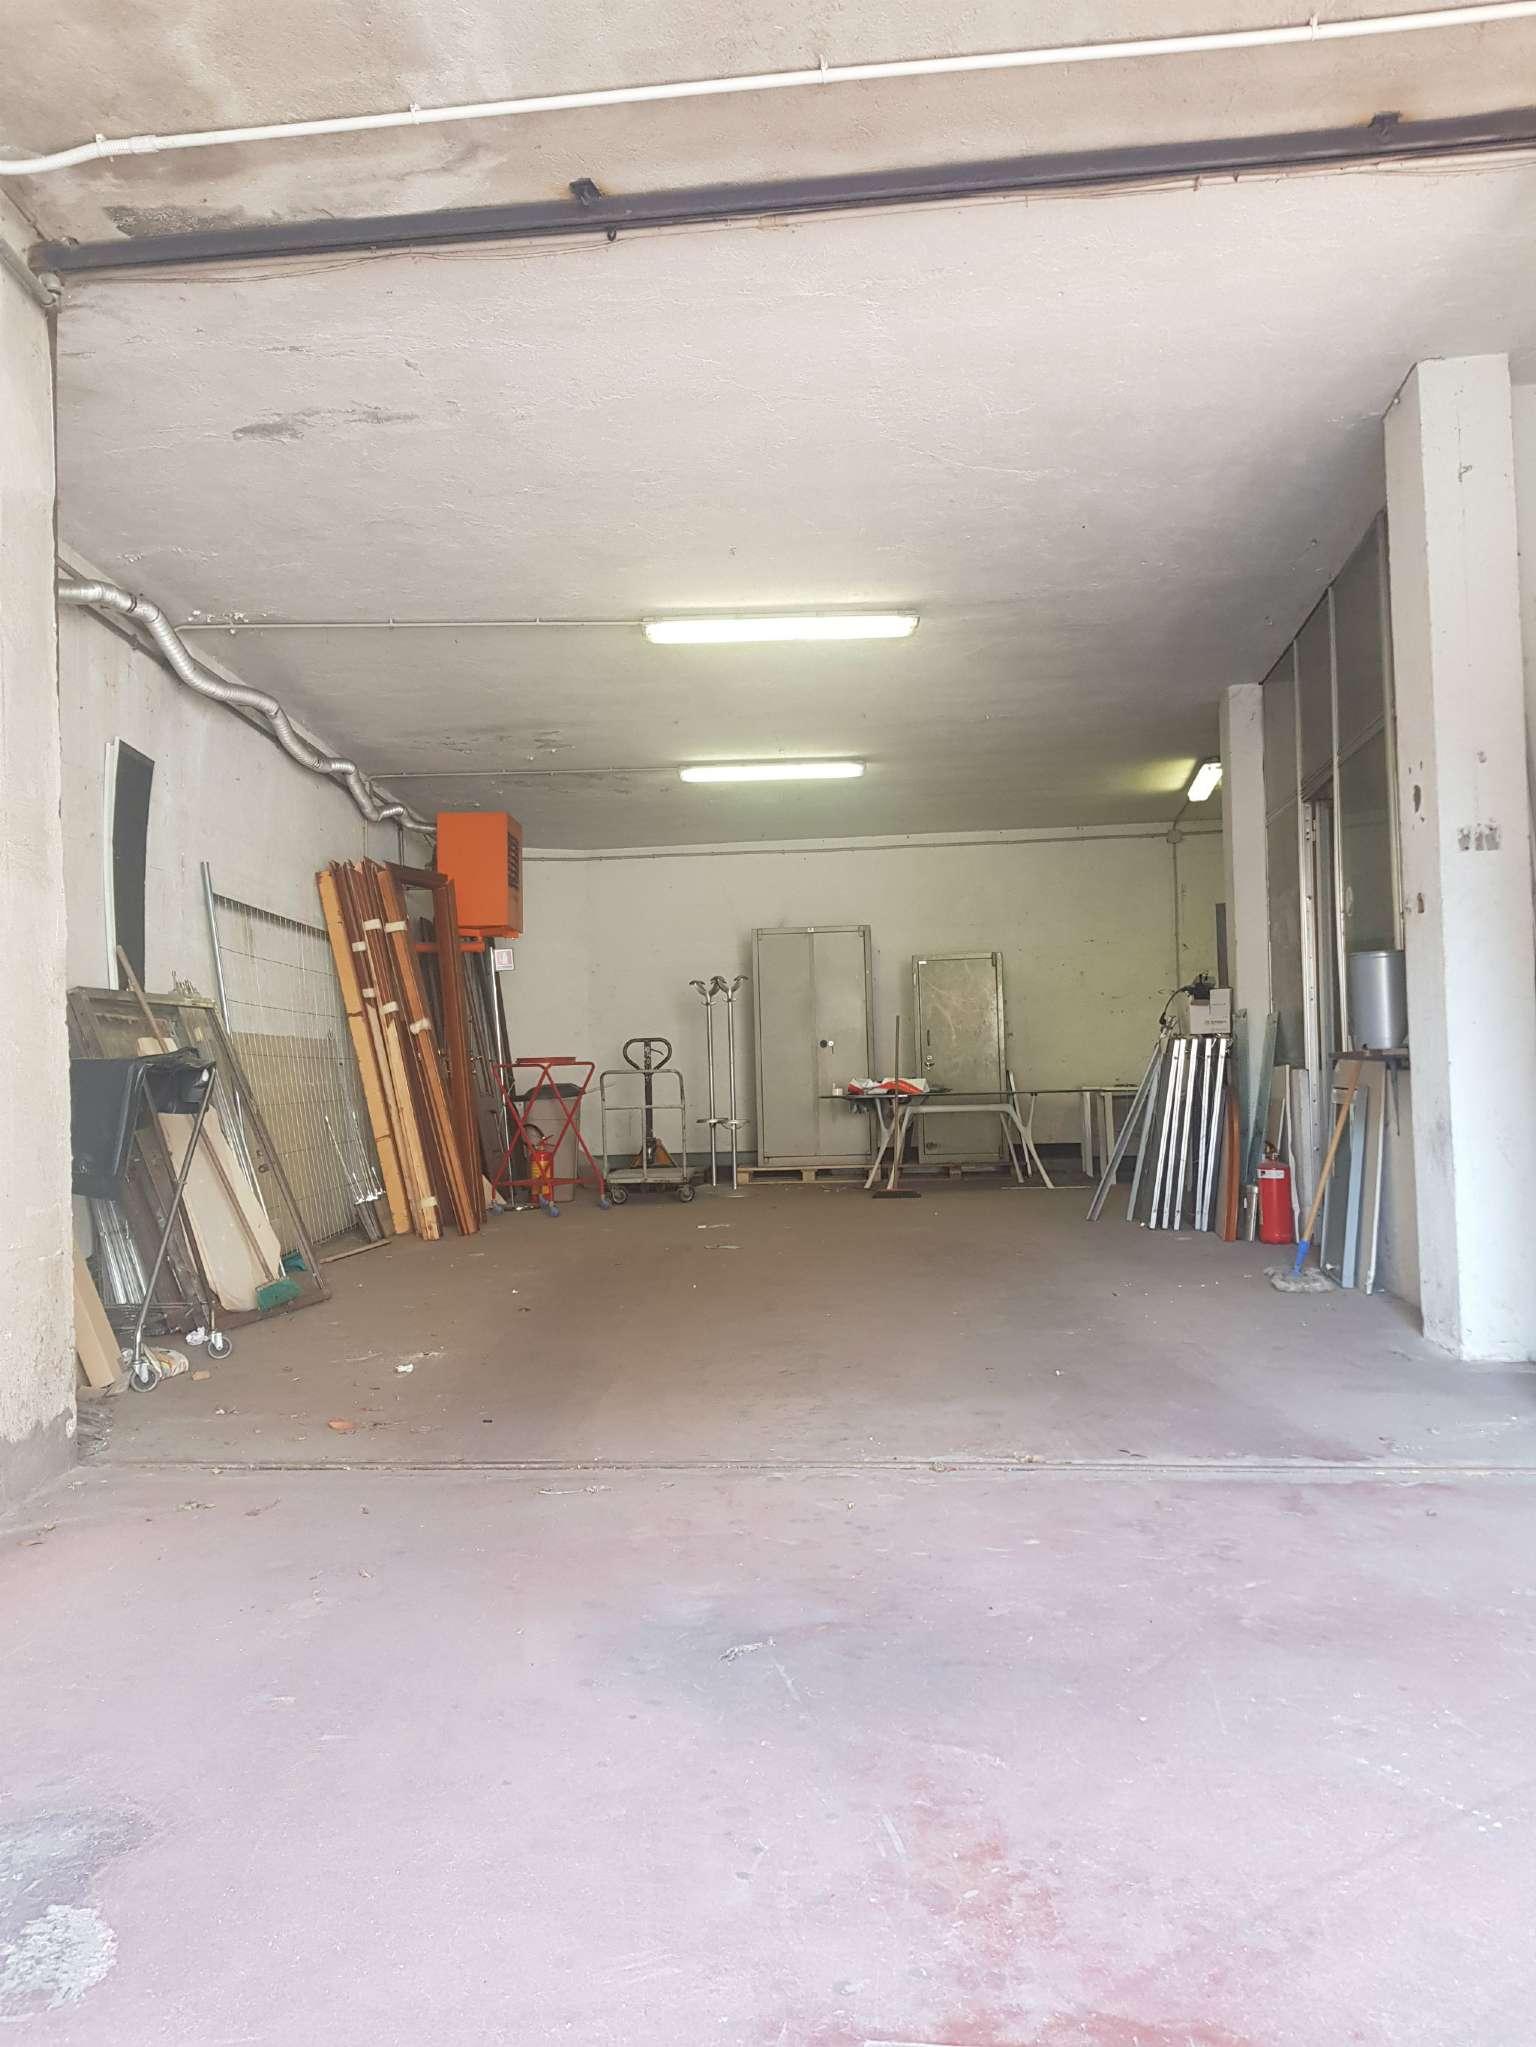 Magazzino in vendita a Grugliasco, 1 locali, prezzo € 59.000 | PortaleAgenzieImmobiliari.it